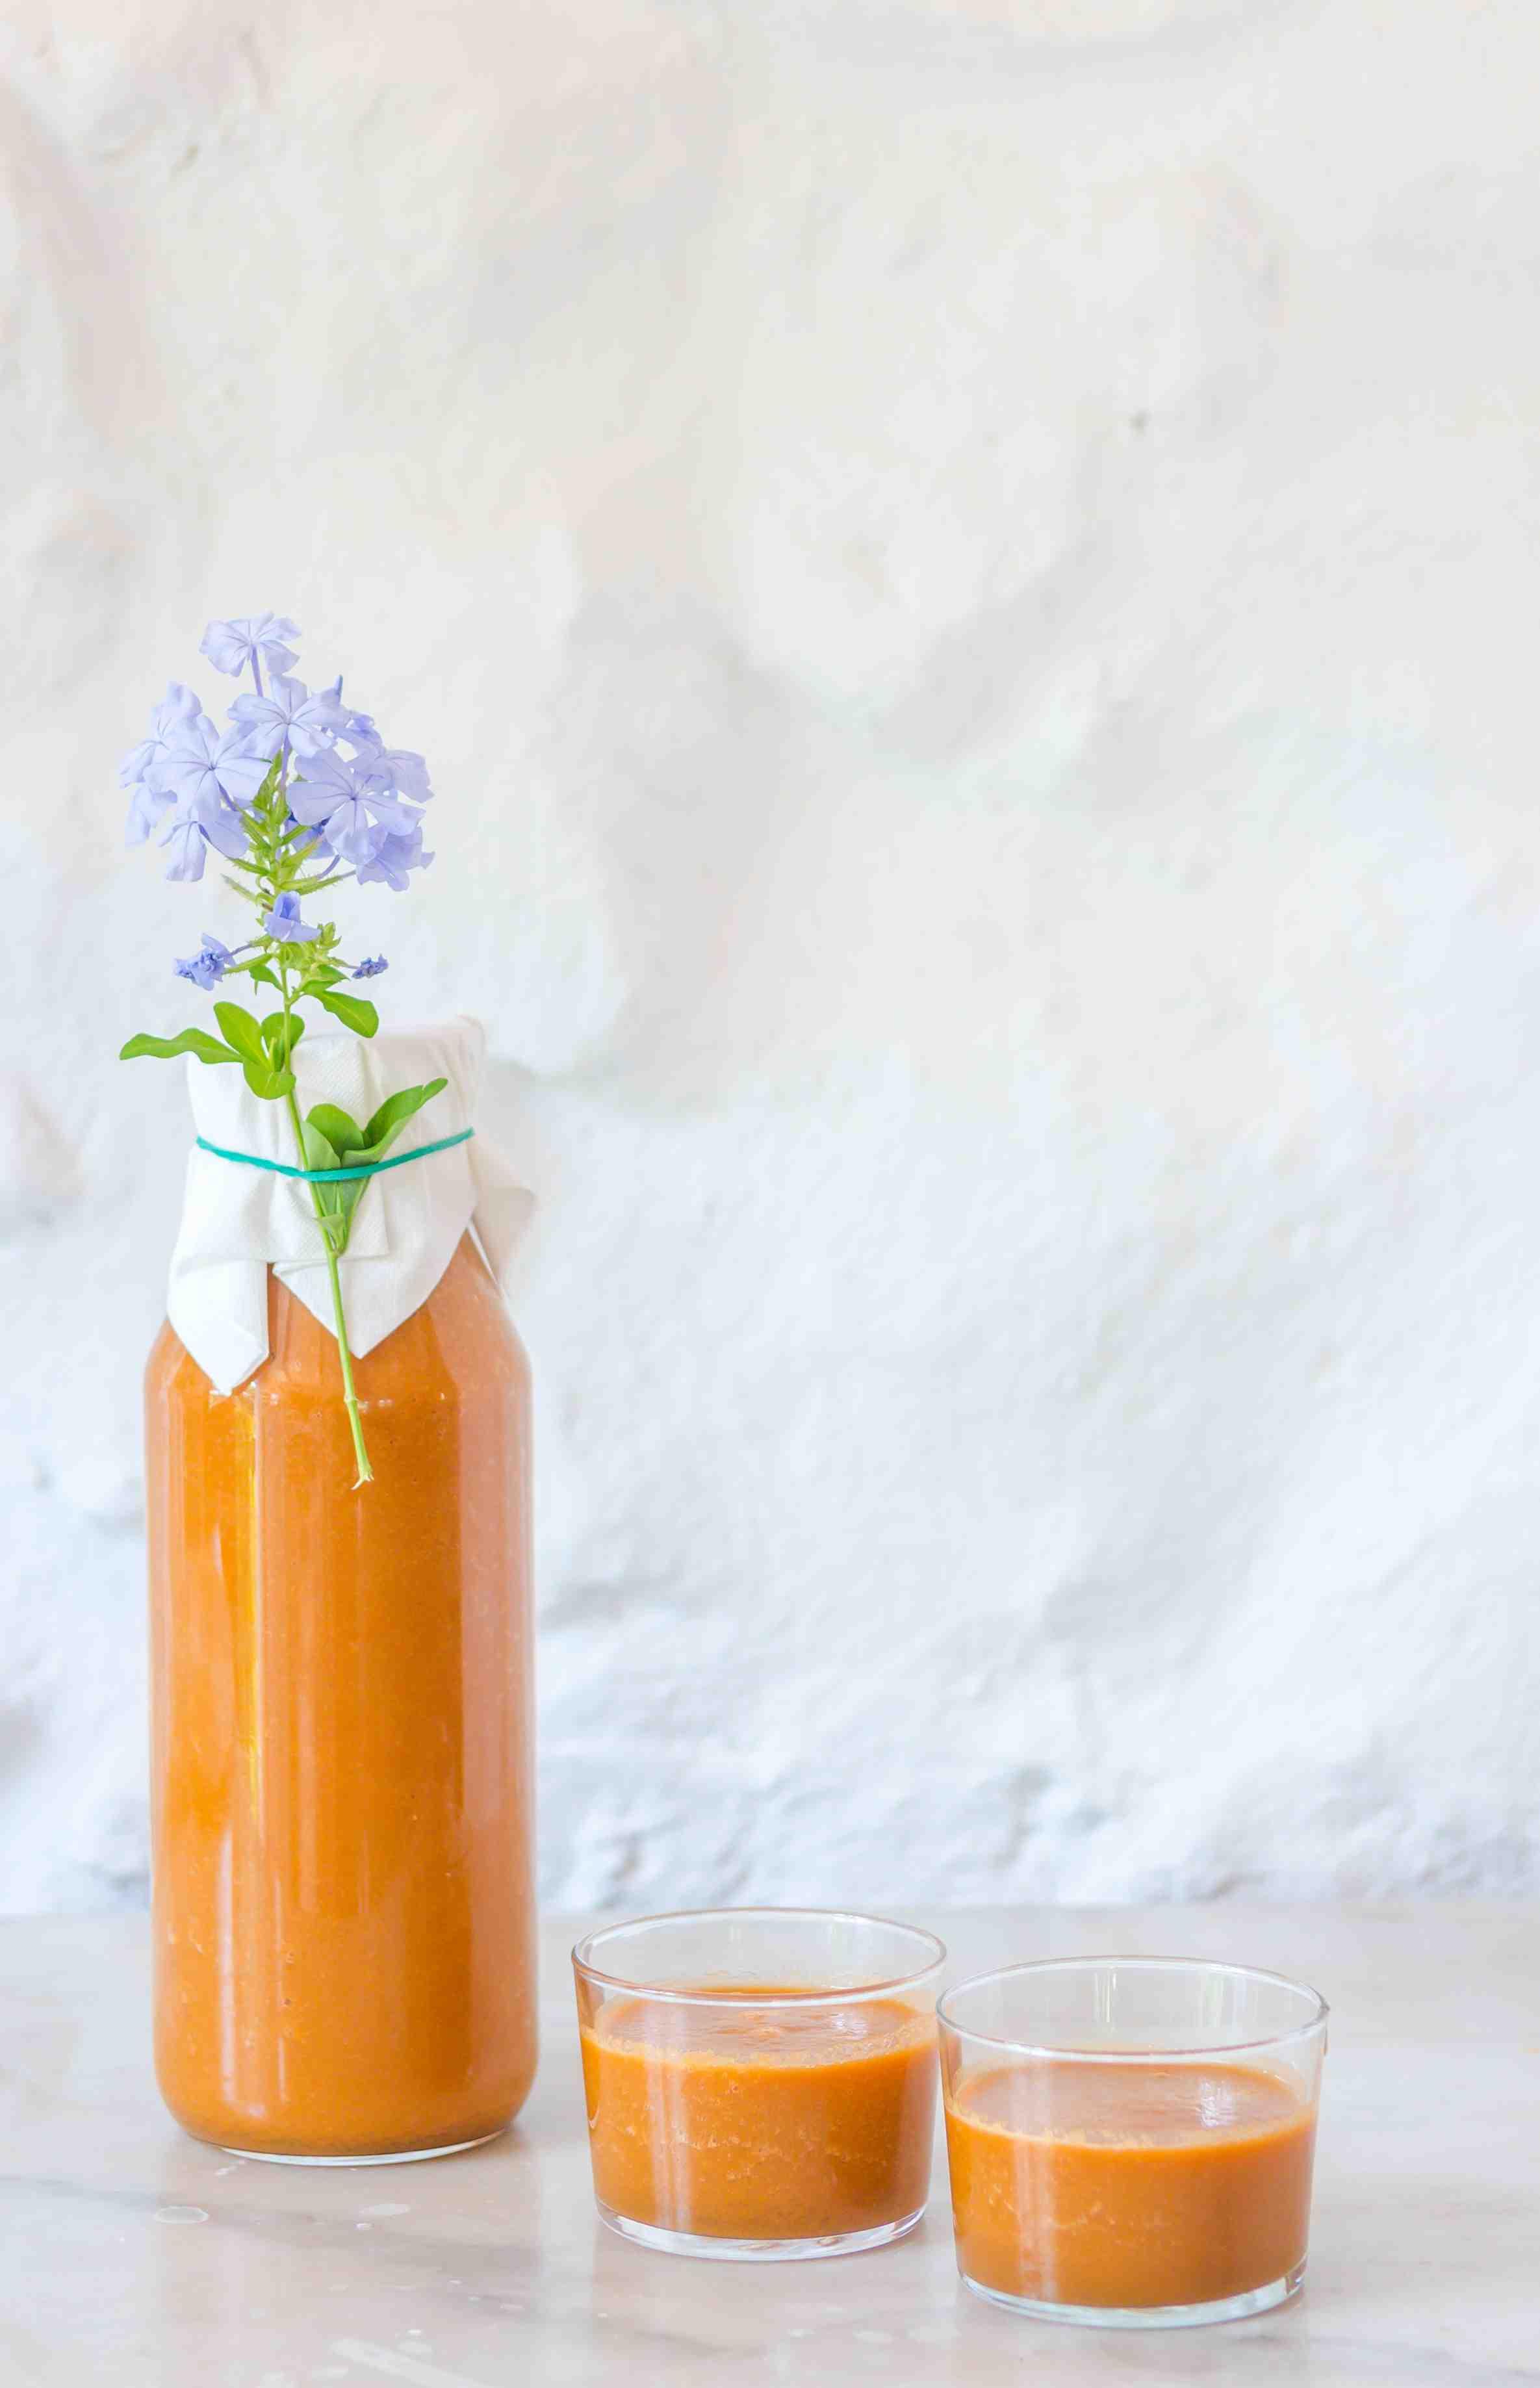 Smoothie espectacular de zanahoria, manzana y jengibre que tomamos en el Retiro Pura Vida 2019. Chef Alai Zimmermann